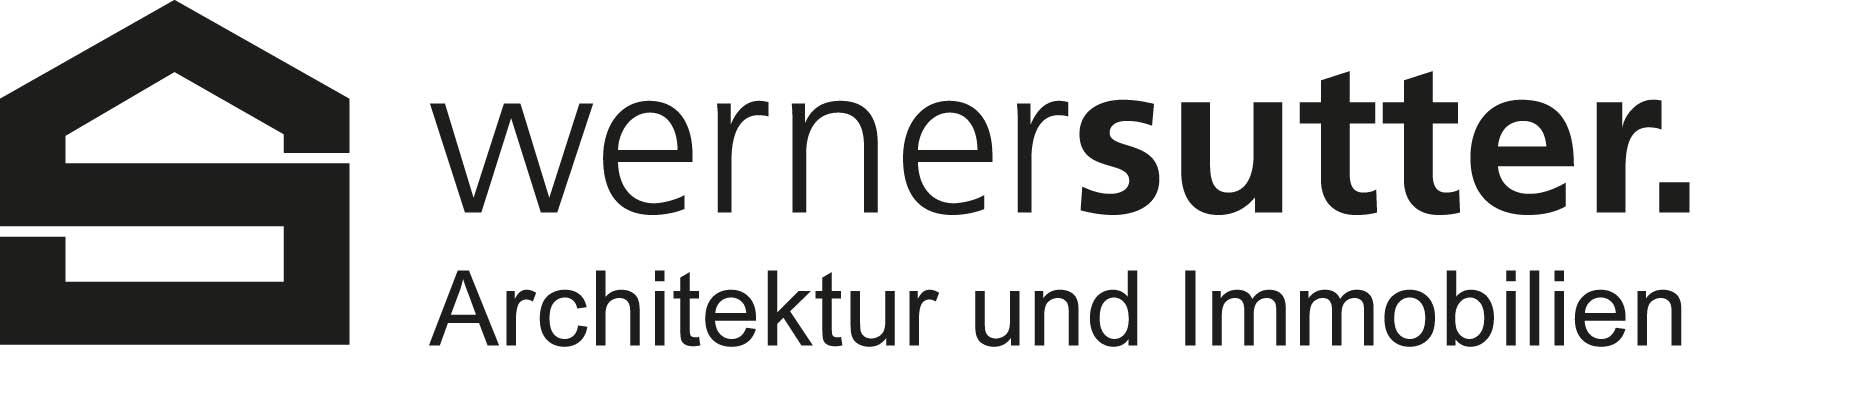 www.wernersutter.ch